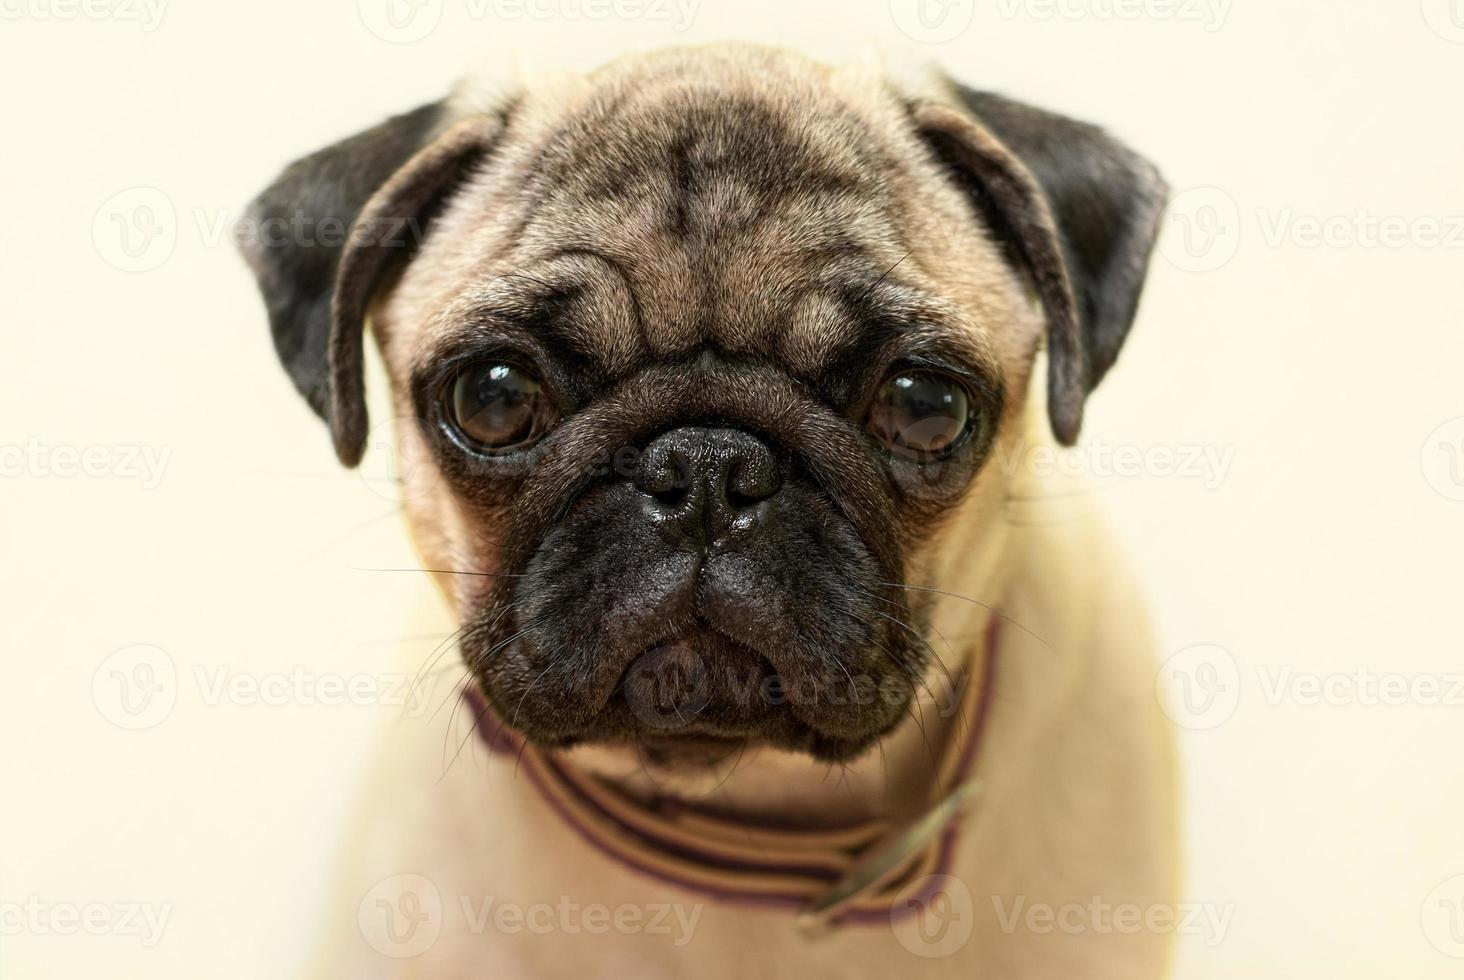 Ritratto di Carlino cucciolo foto